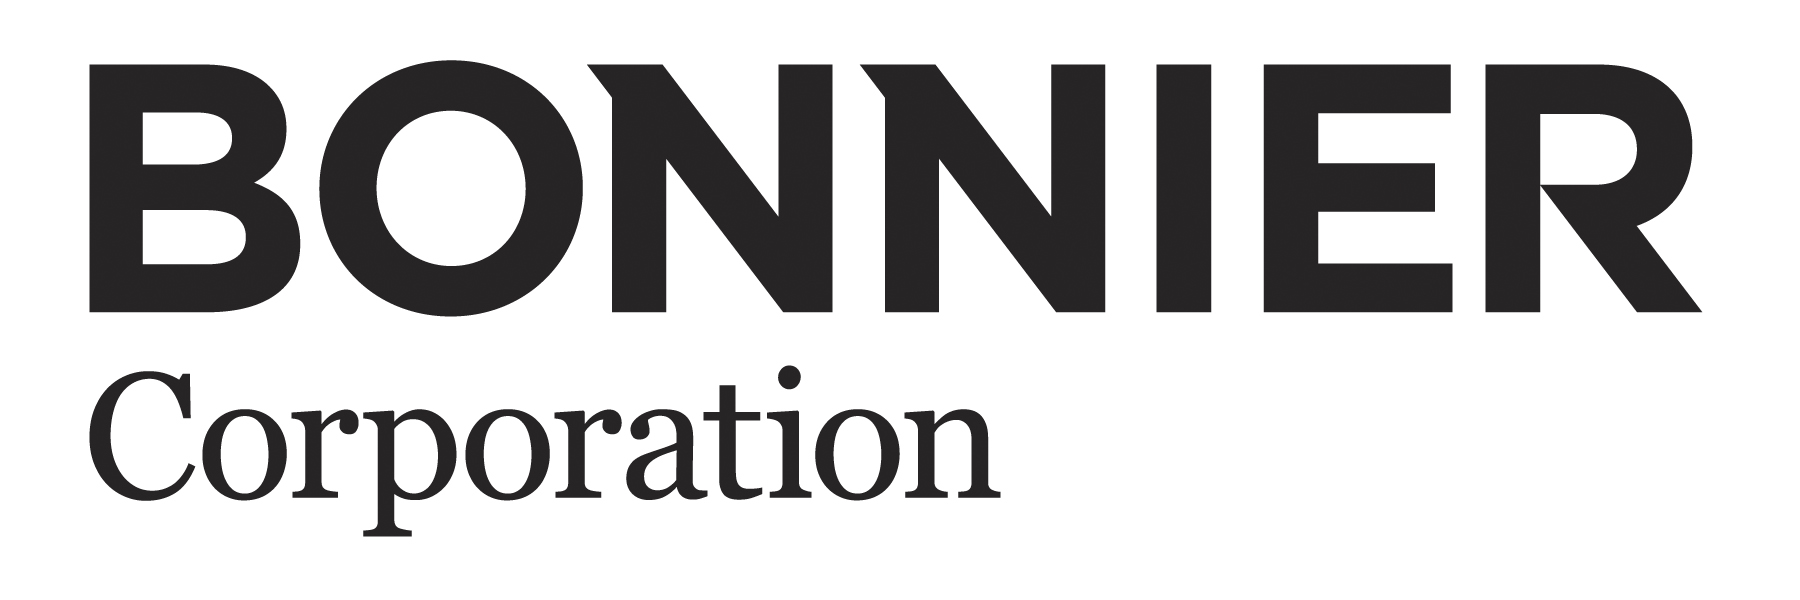 Bonnier-Corp-hi-res-logo.jpg